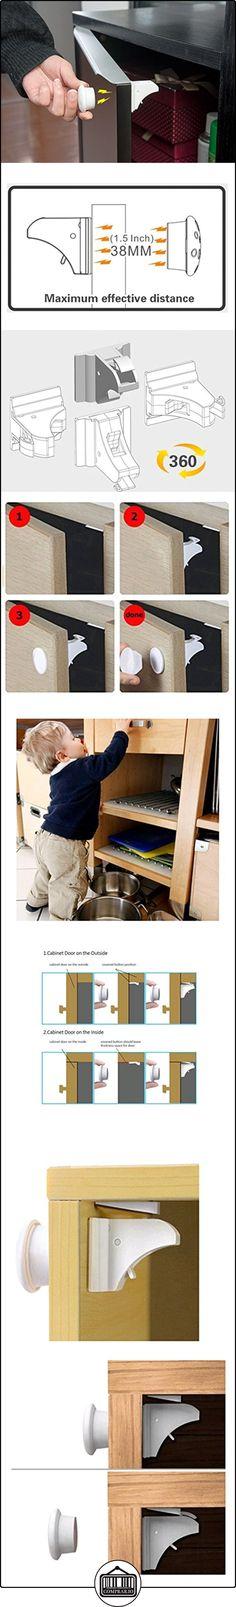 Juego de 4Cerraduras + 1seguridad prueba de llaves magnético Baby-adhesivo 3m adhesivas para armarios drawers- sin tornillos, sin necesidad de agujeros  ✿ Seguridad para tu bebé - (Protege a tus hijos) ✿ ▬► Ver oferta: http://comprar.io/goto/B01N8WNR5T